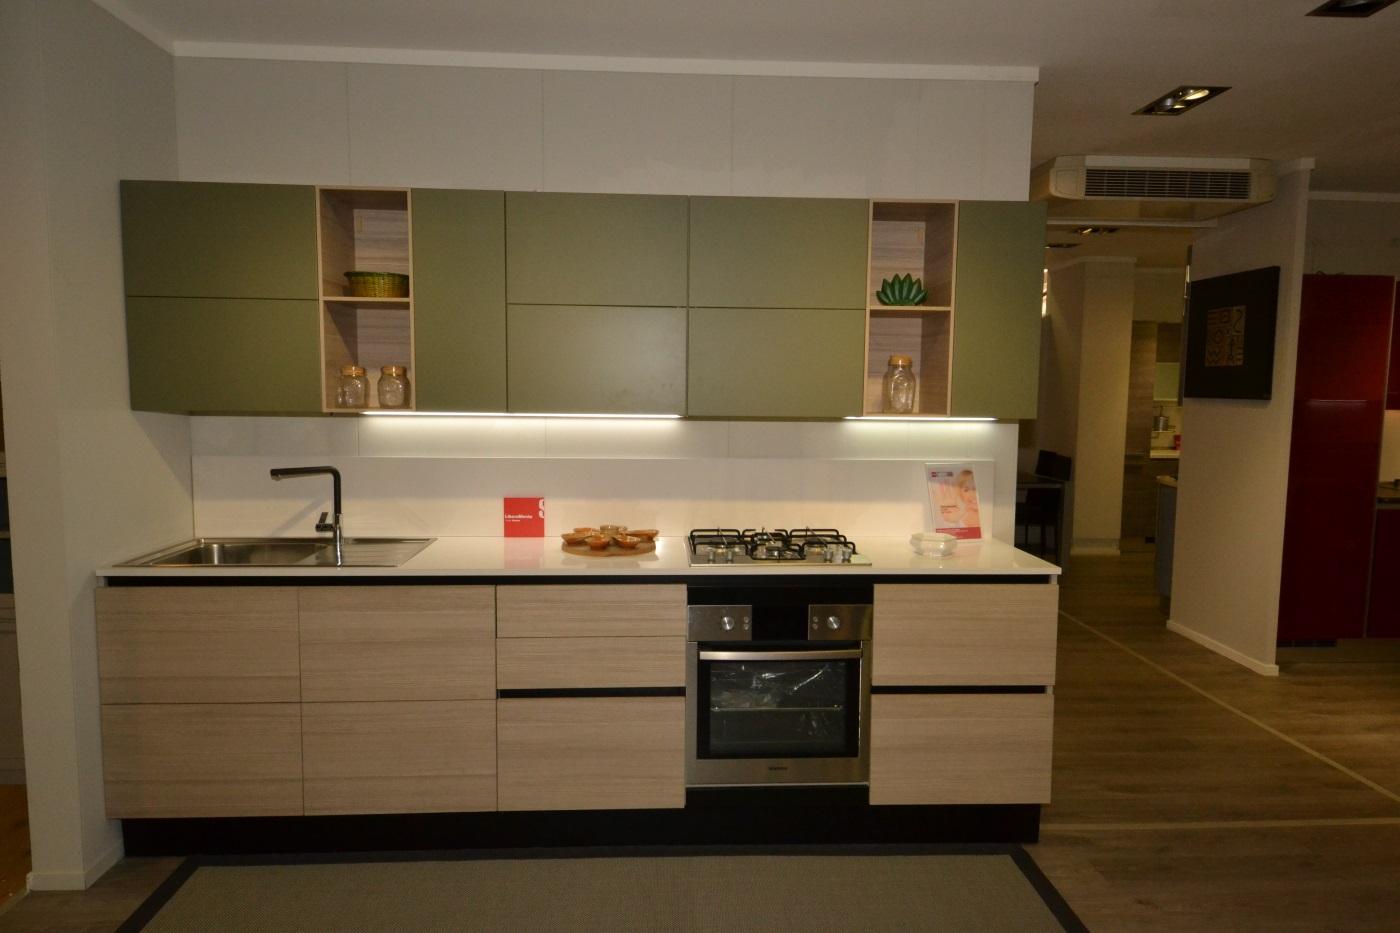 offerta cucina scavolini modello liberamente decorativo e laccato opaco san gaetano arredamenti On costi cucine scavolini